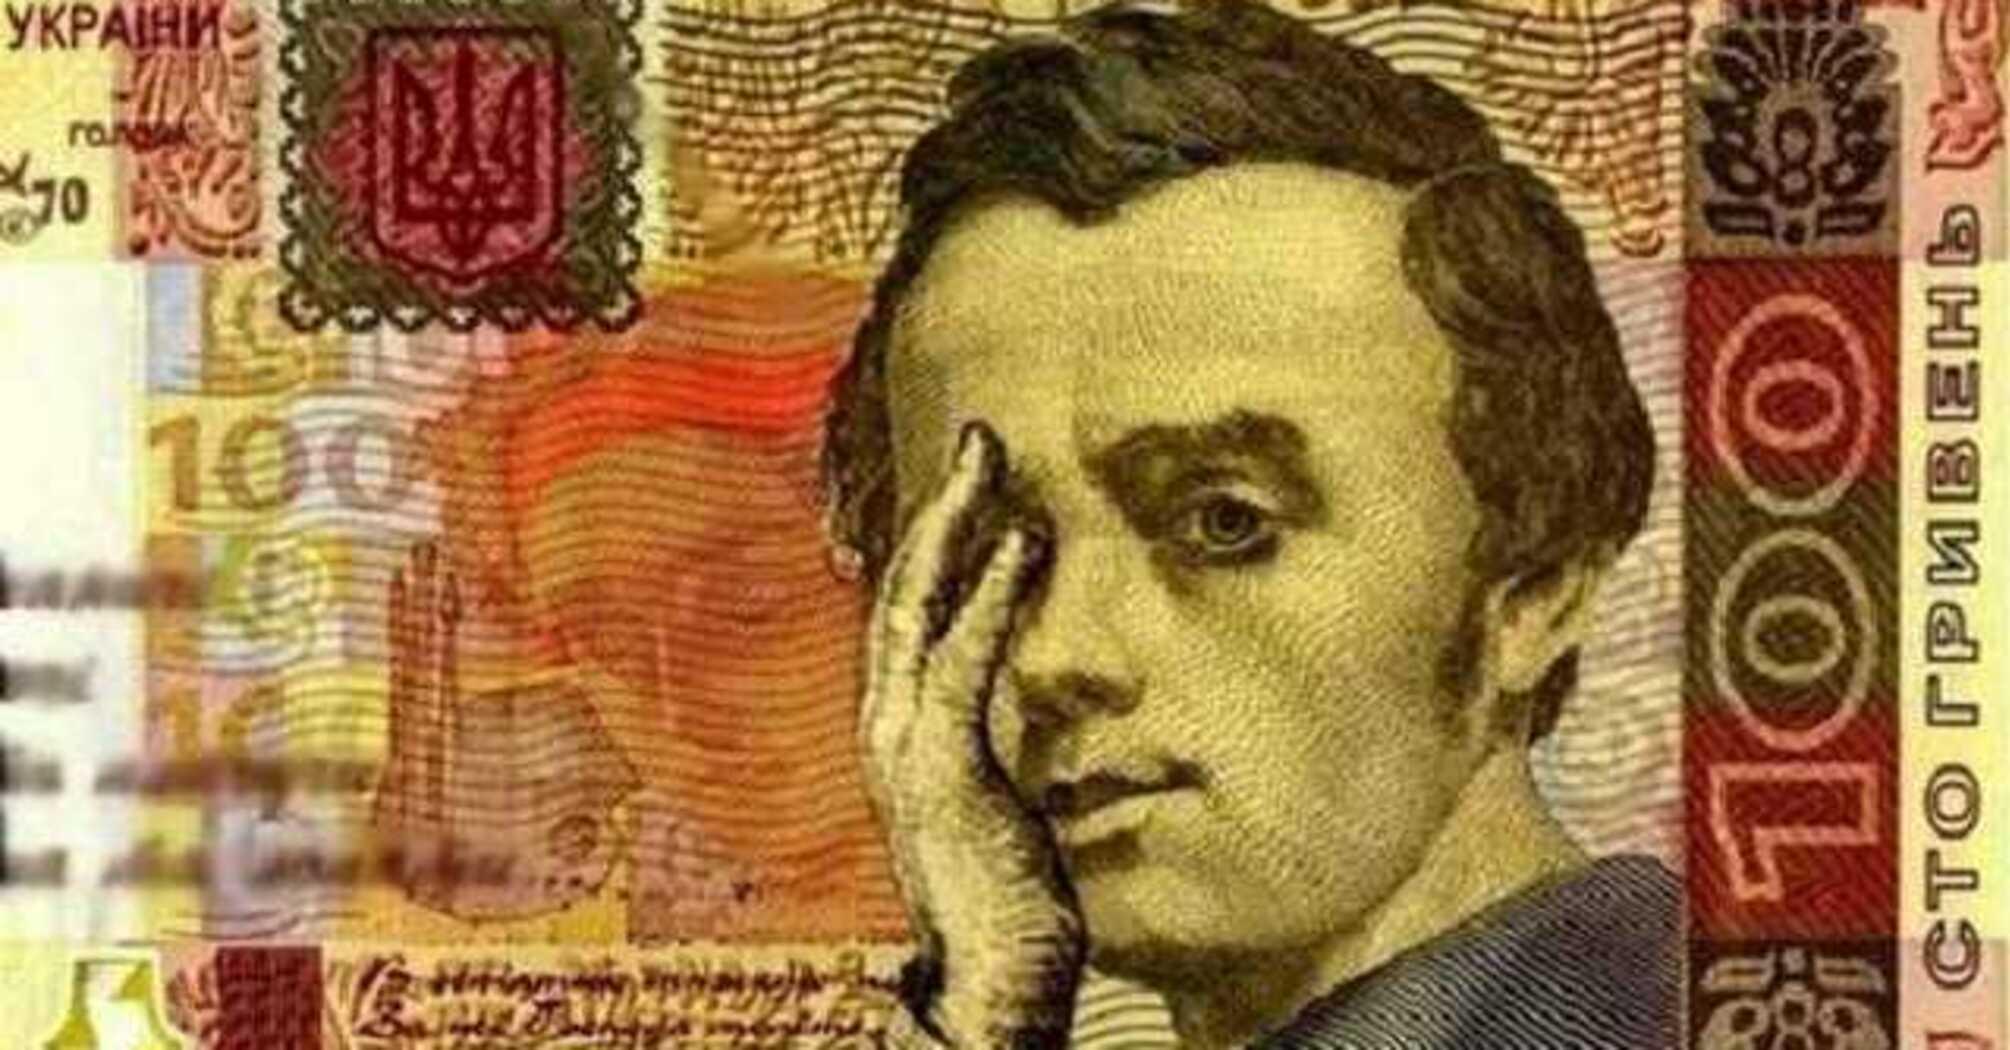 Что будет с экономикой Украины, если Коломойскому вернут Приватбанк